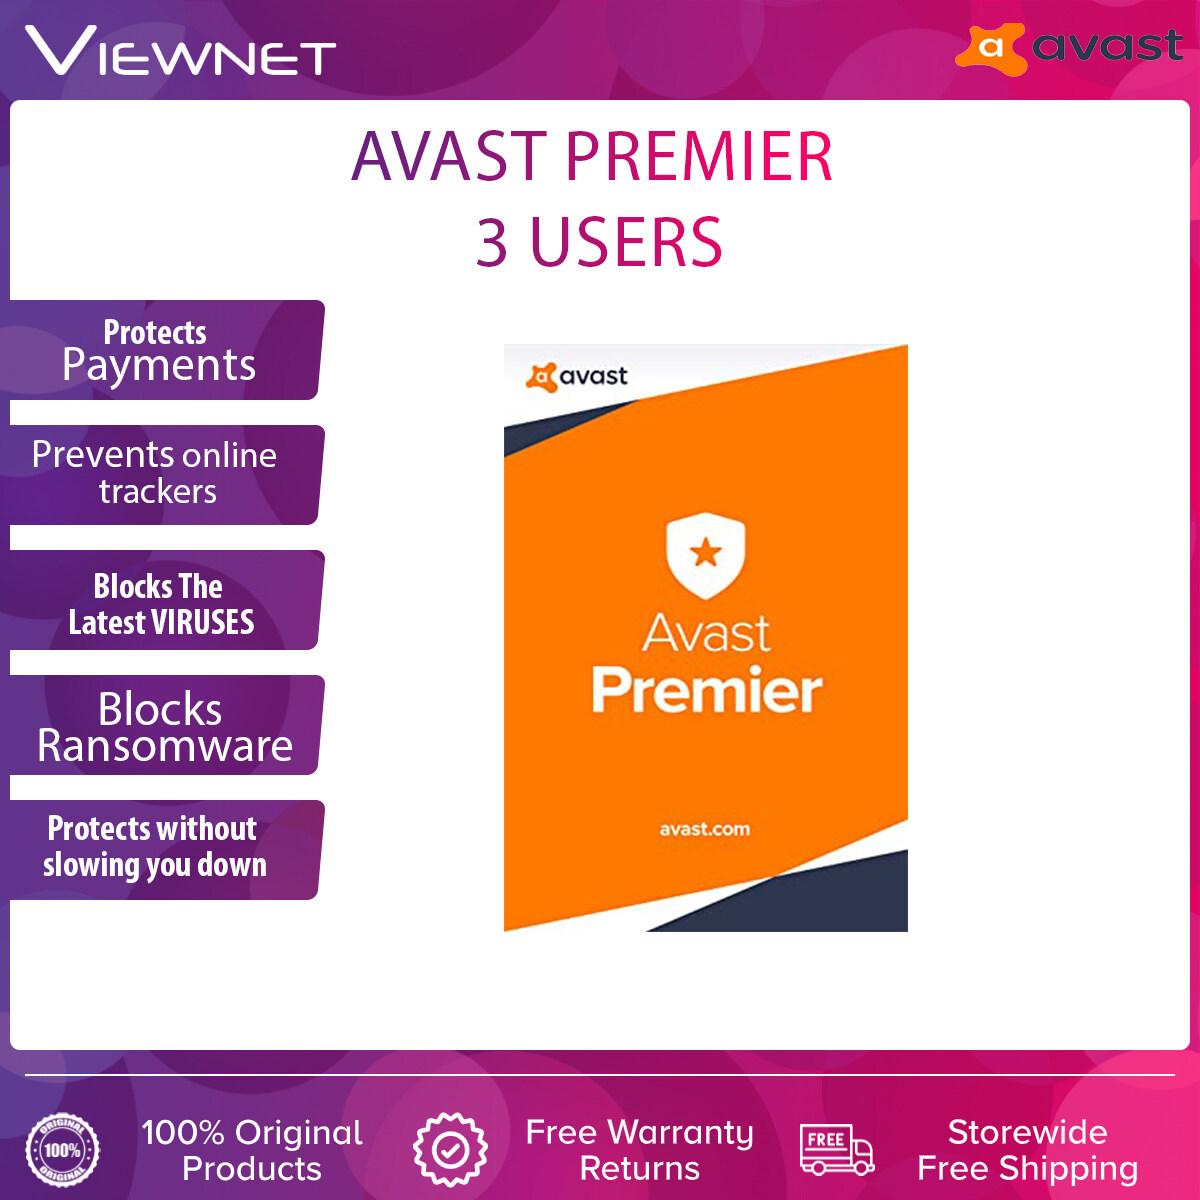 Avast Premium Security 3 USERS